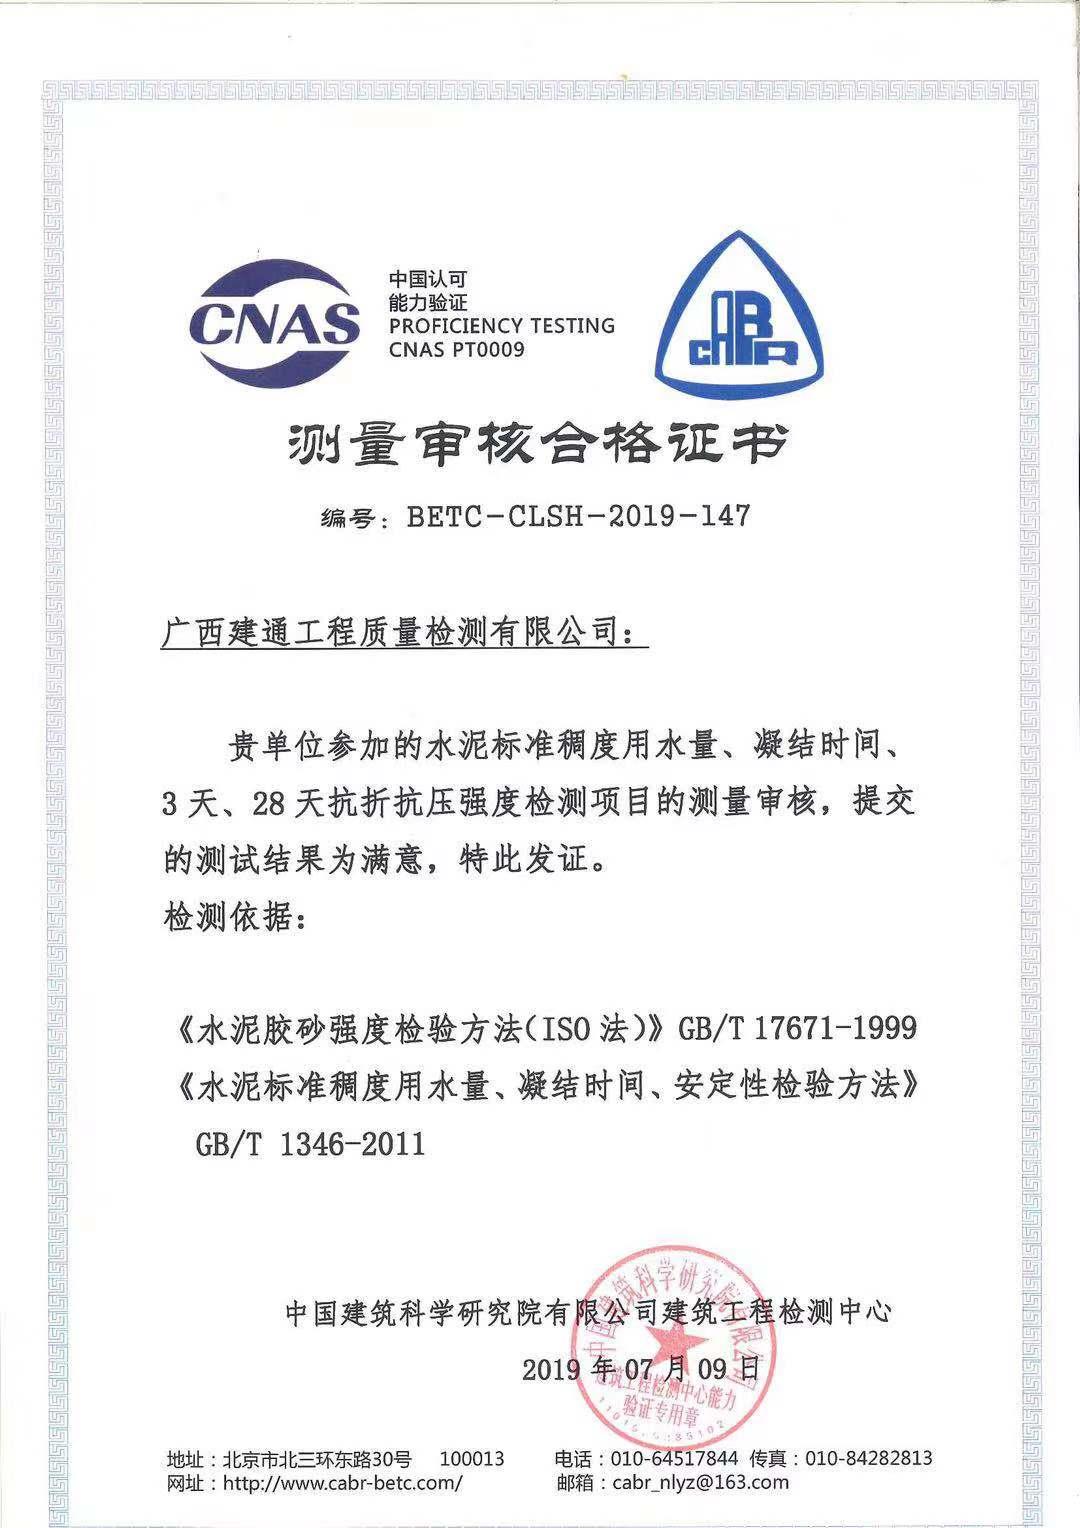 中国认可能力验证满意单位1.jpg